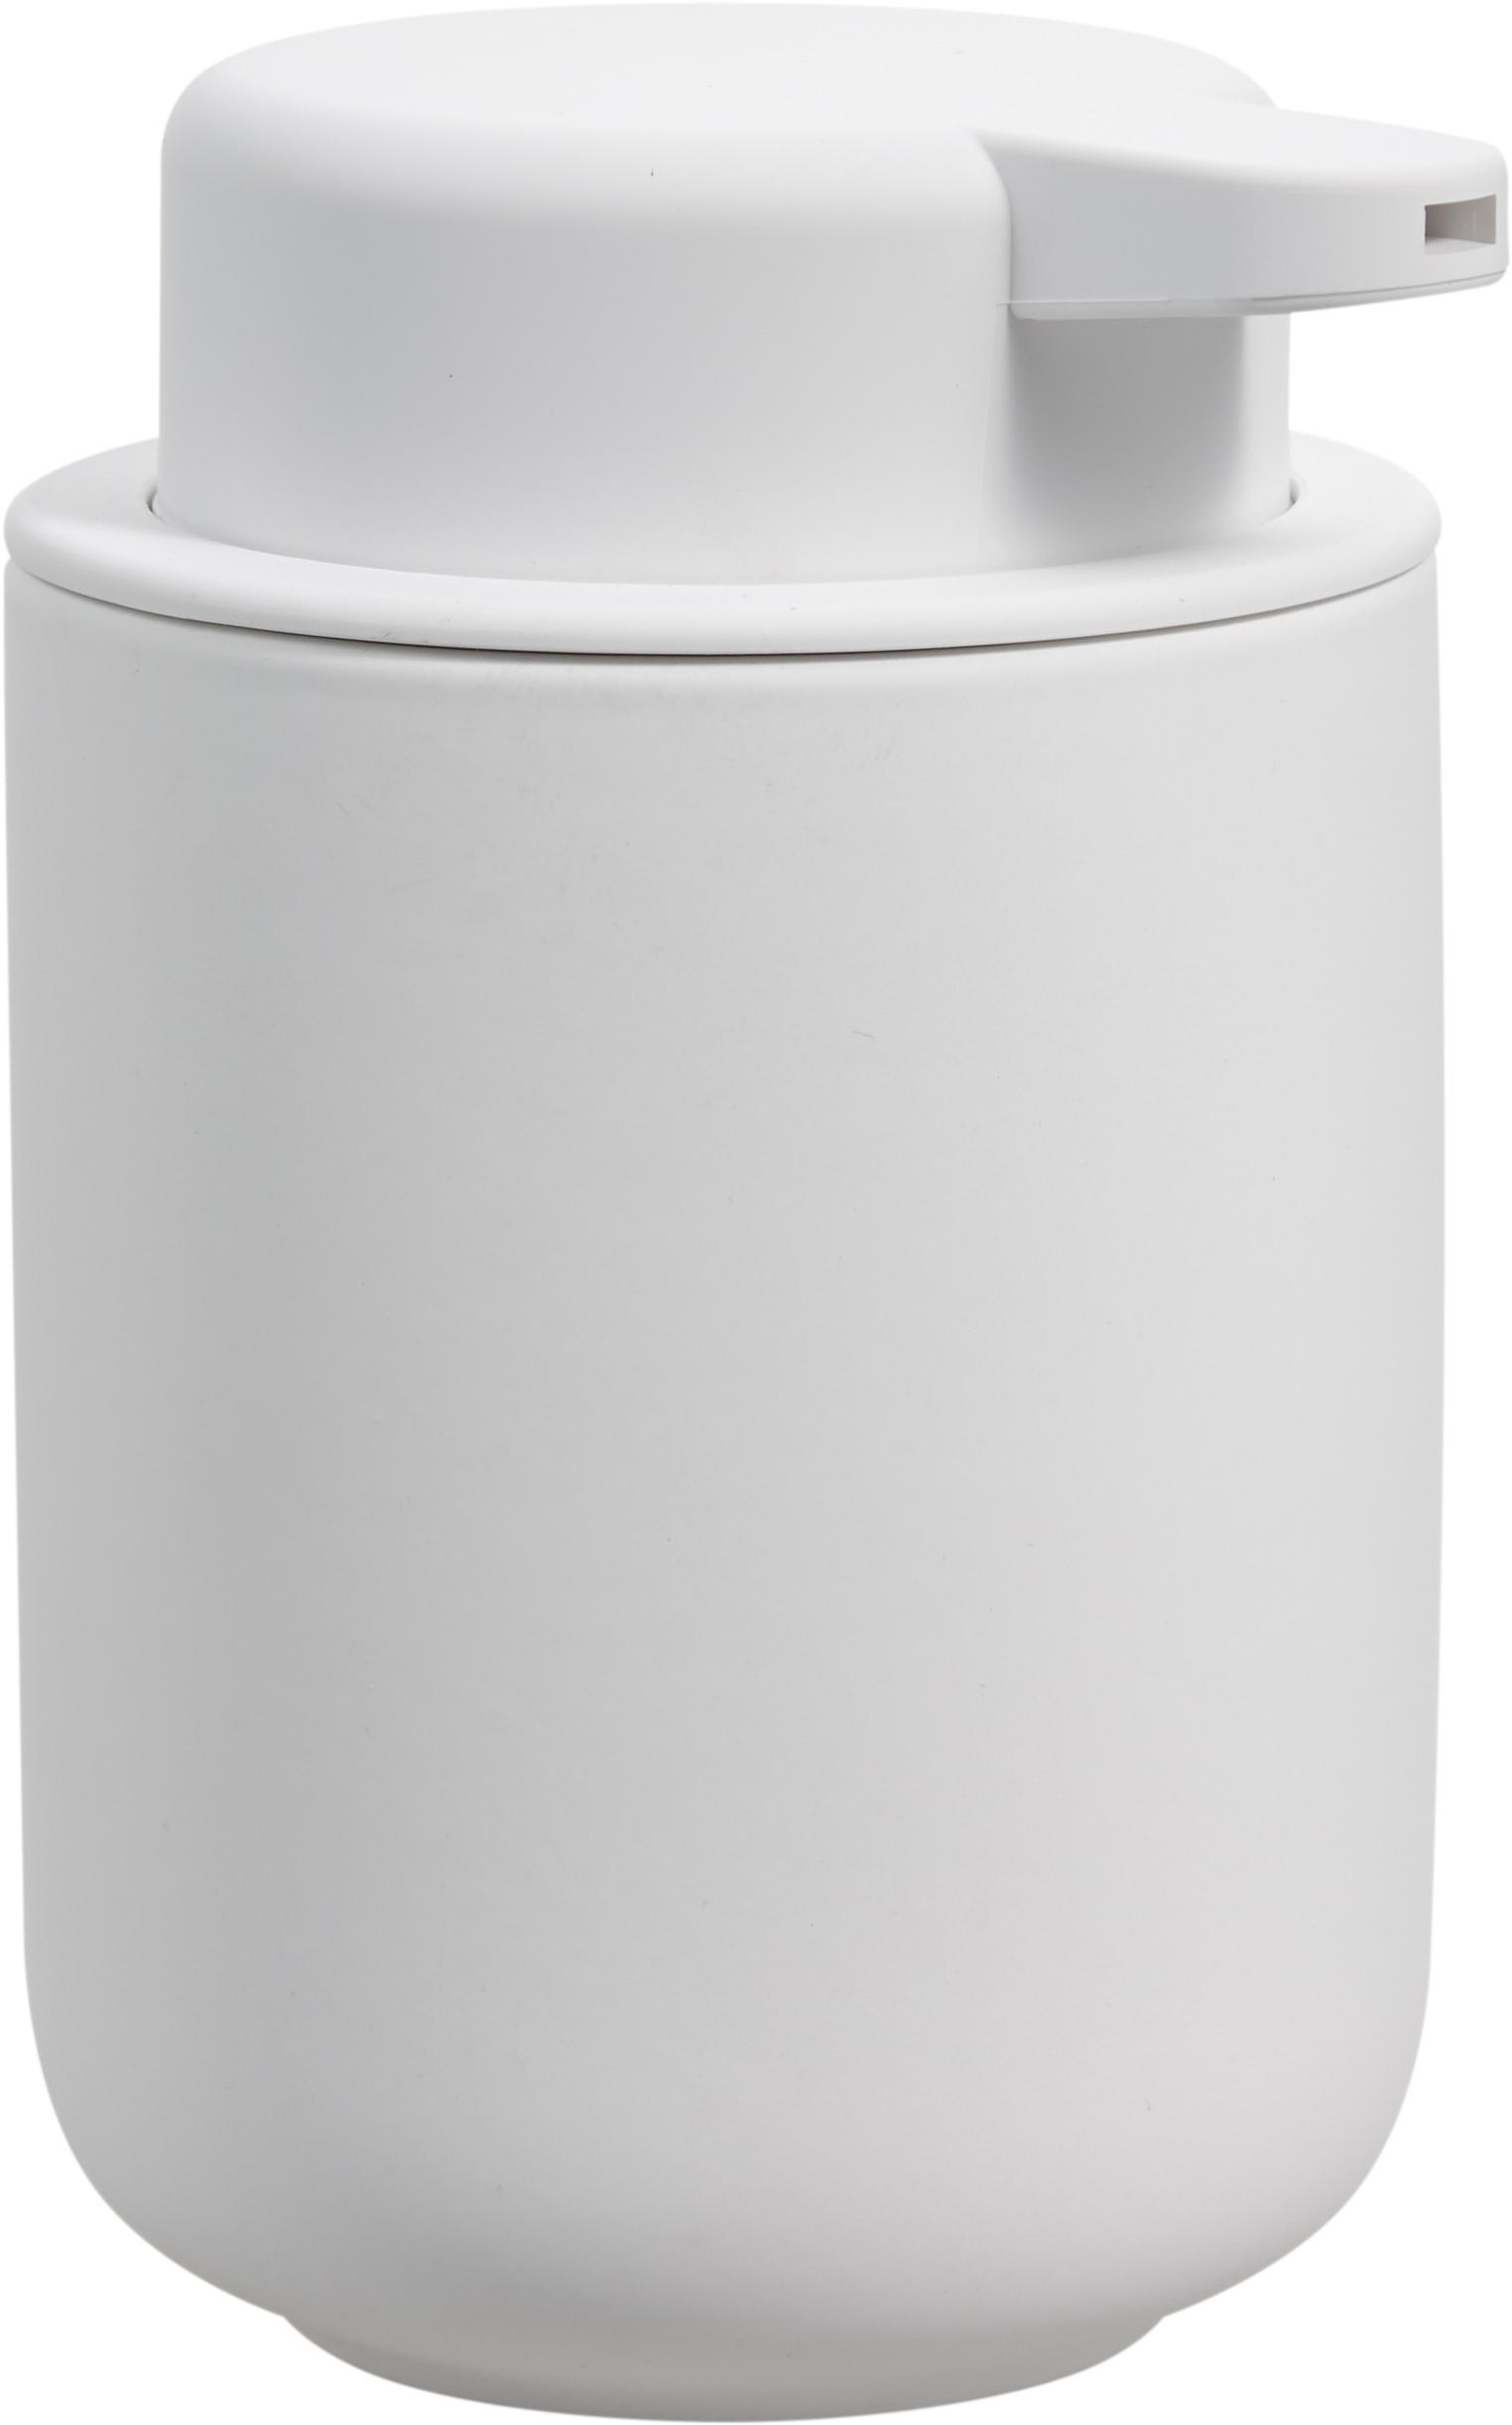 Dozownik do mydła z kamionki Omega, Biały, matowy, Ø 8 x W 13 cm